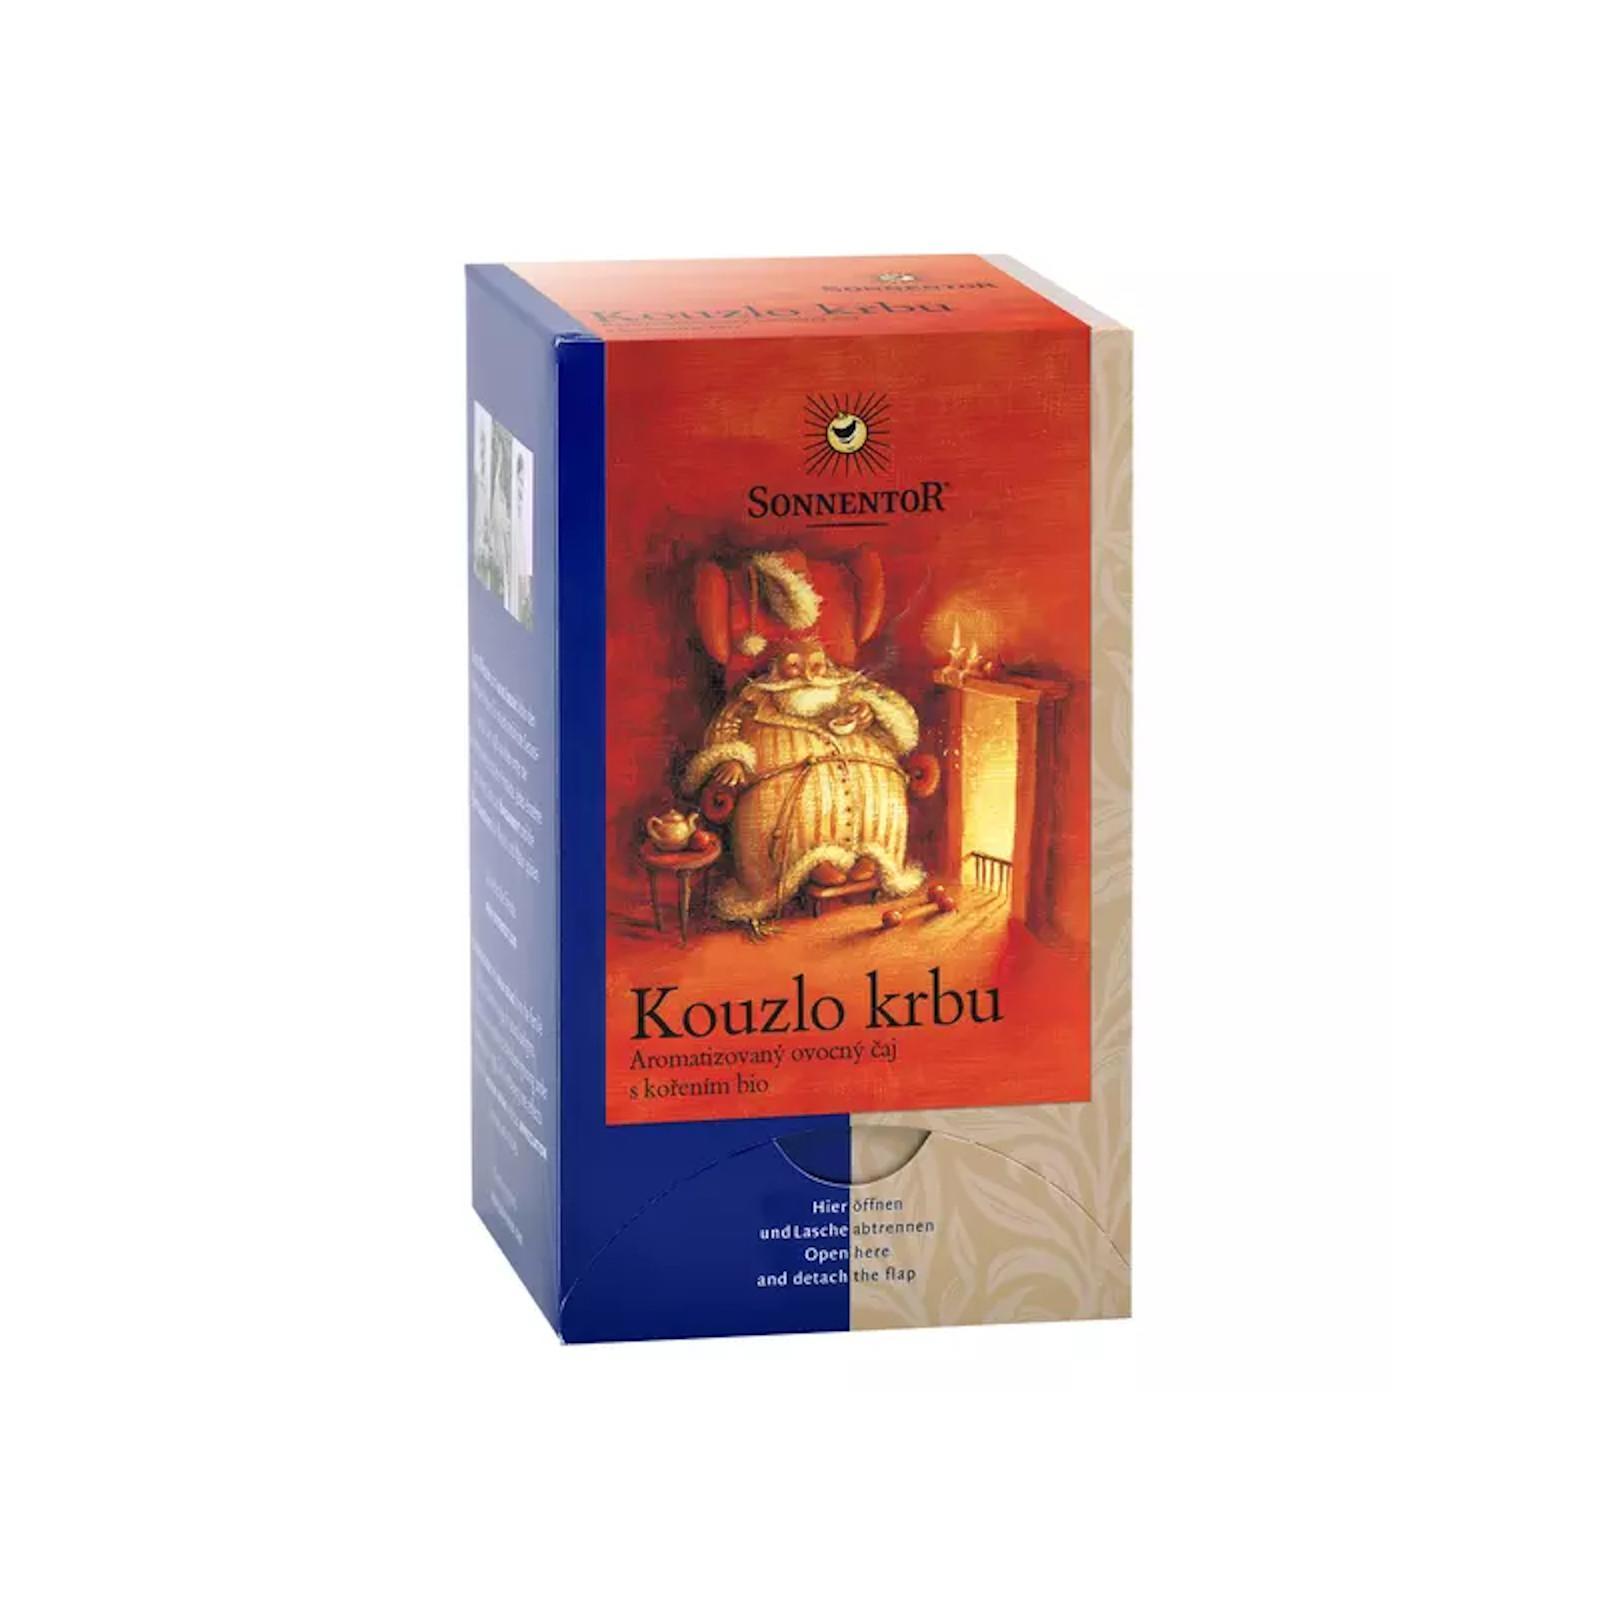 Sonnentor Kouzlo krbu, ovocný čaj bio 45 g, 18 sáčků